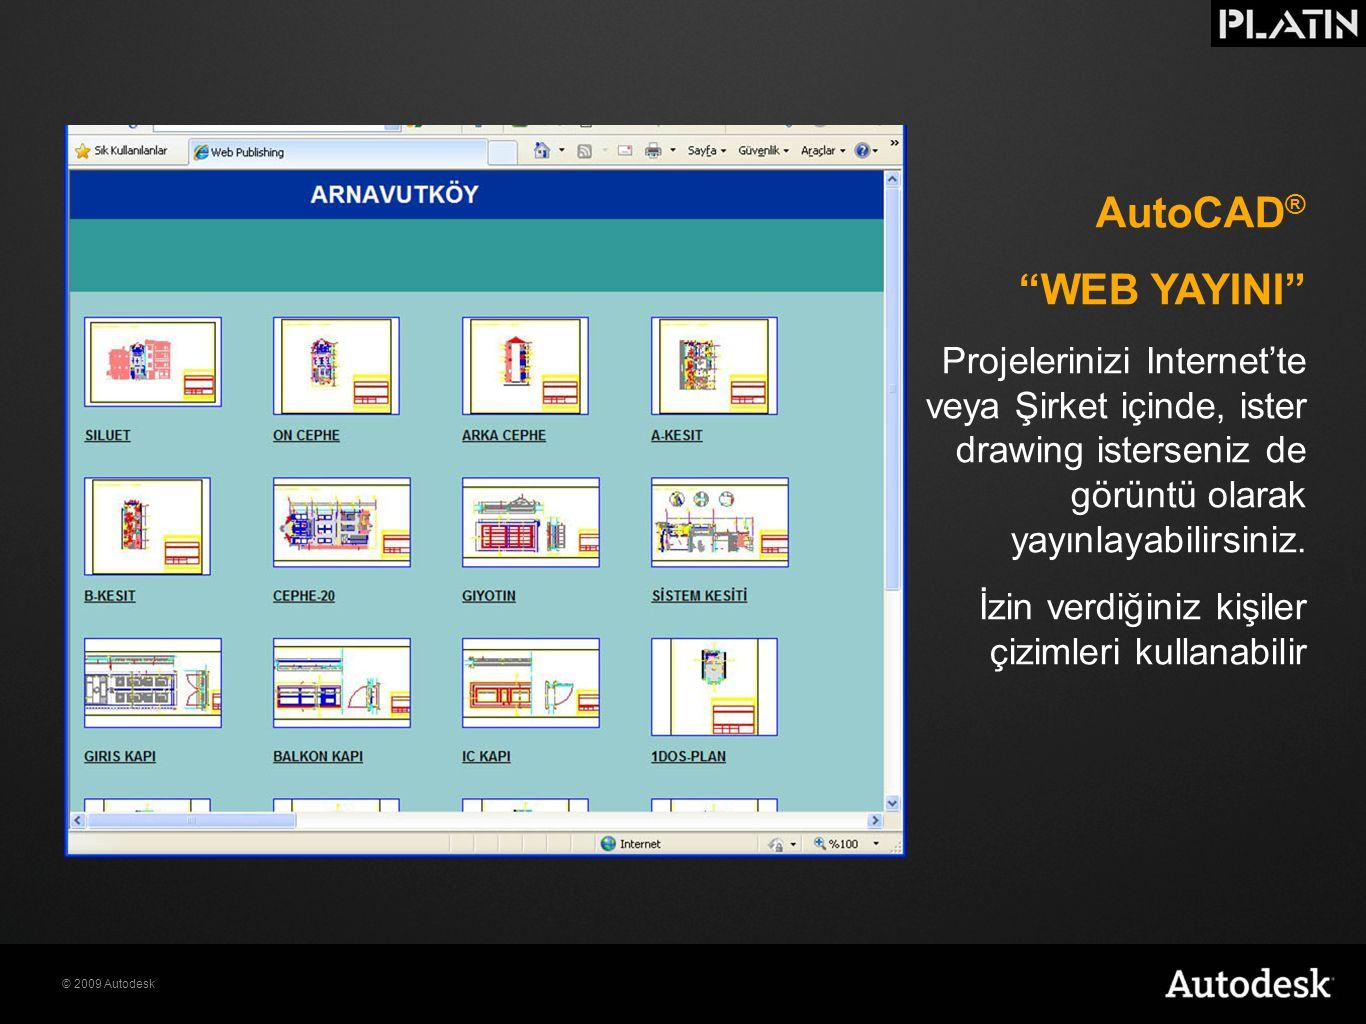 """© 2009 Autodesk AutoCAD ® """"WEB YAYINI"""" Projelerinizi Internet'te veya Şirket içinde, ister drawing isterseniz de görüntü olarak yayınlayabilirsiniz. İ"""